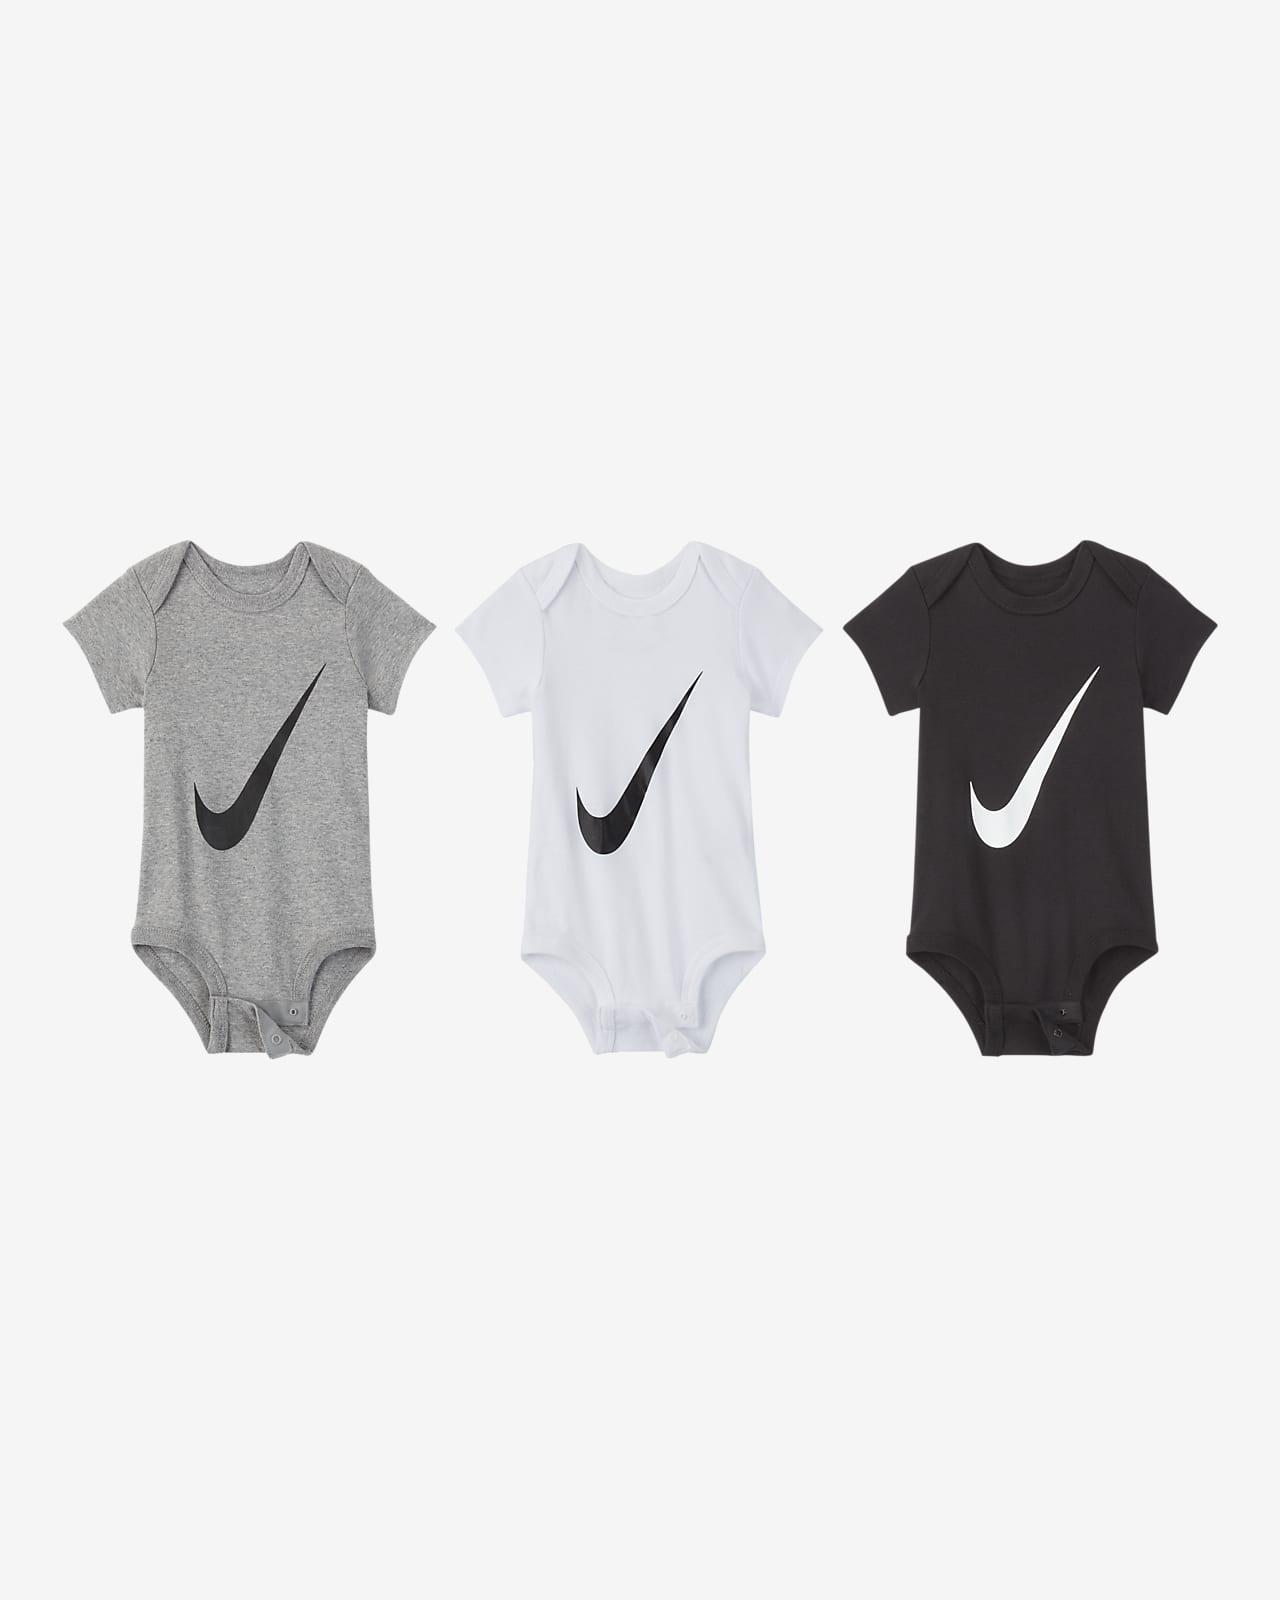 Nike bodyszett babáknak (0–6 hónapos) (3 darabos csomag)